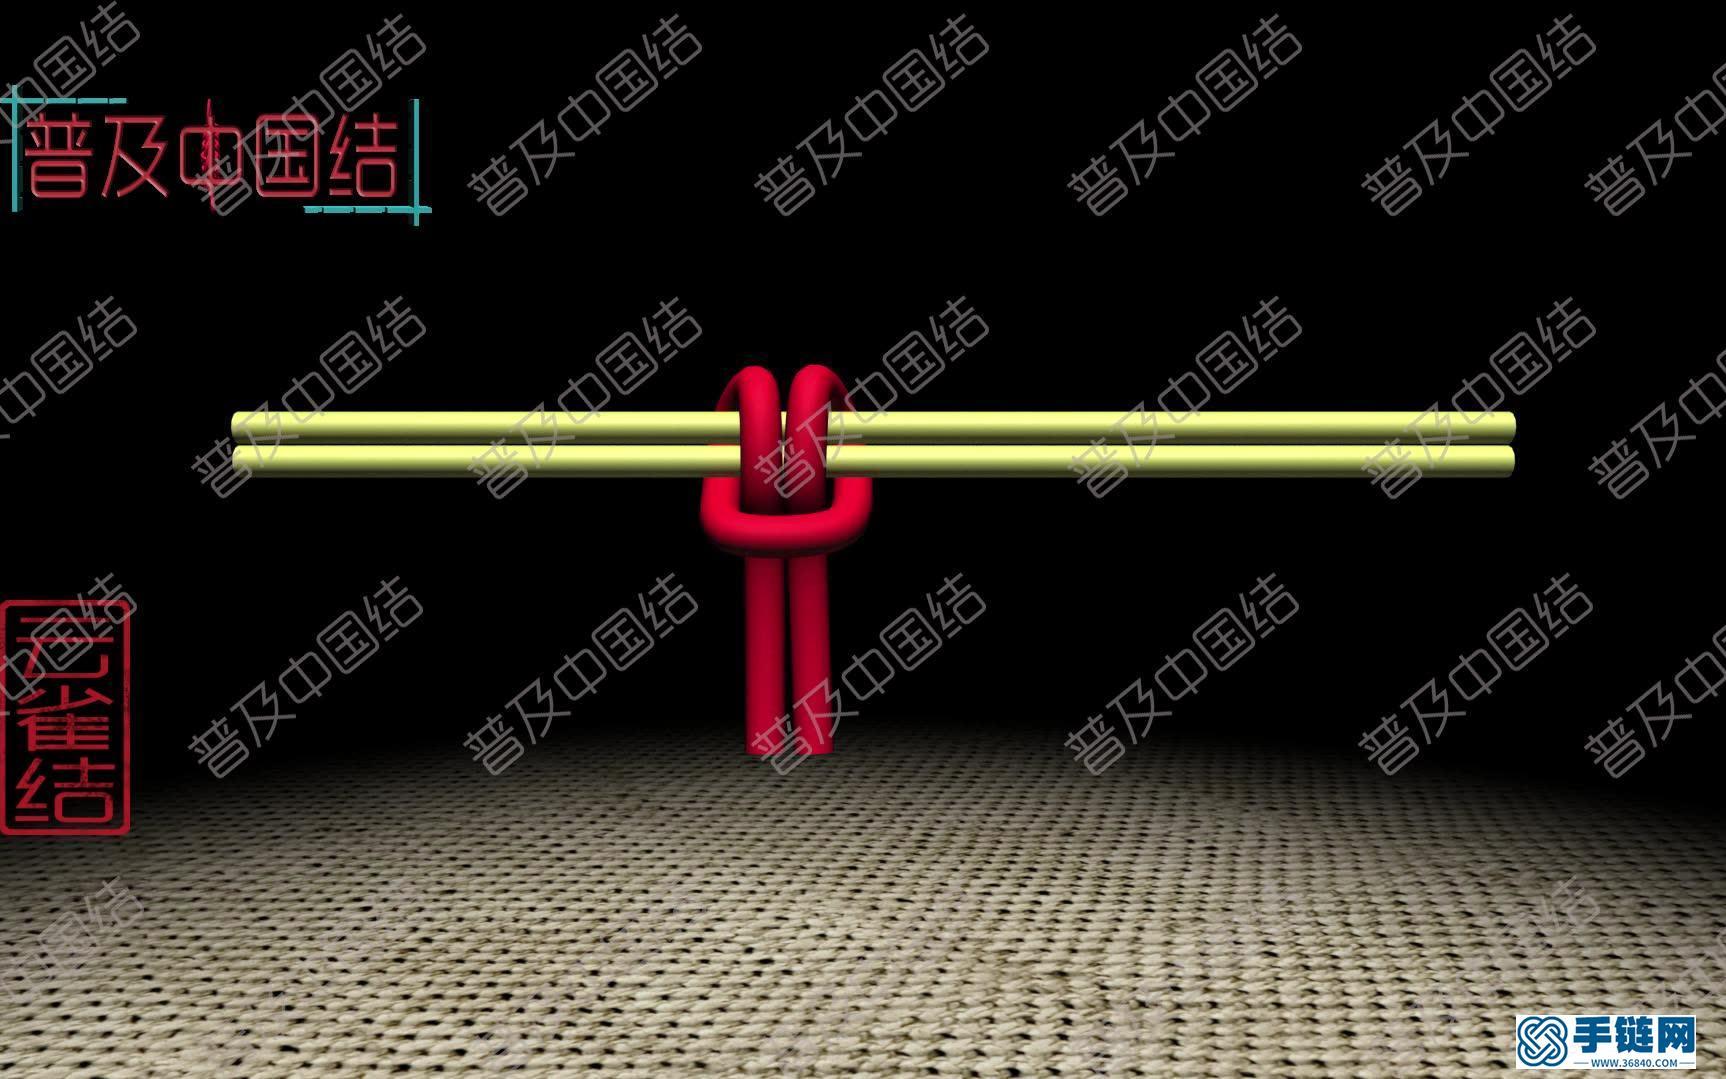 ——云雀结(3d动画)桃花结,壁挂,挂线等手工必修技艺。